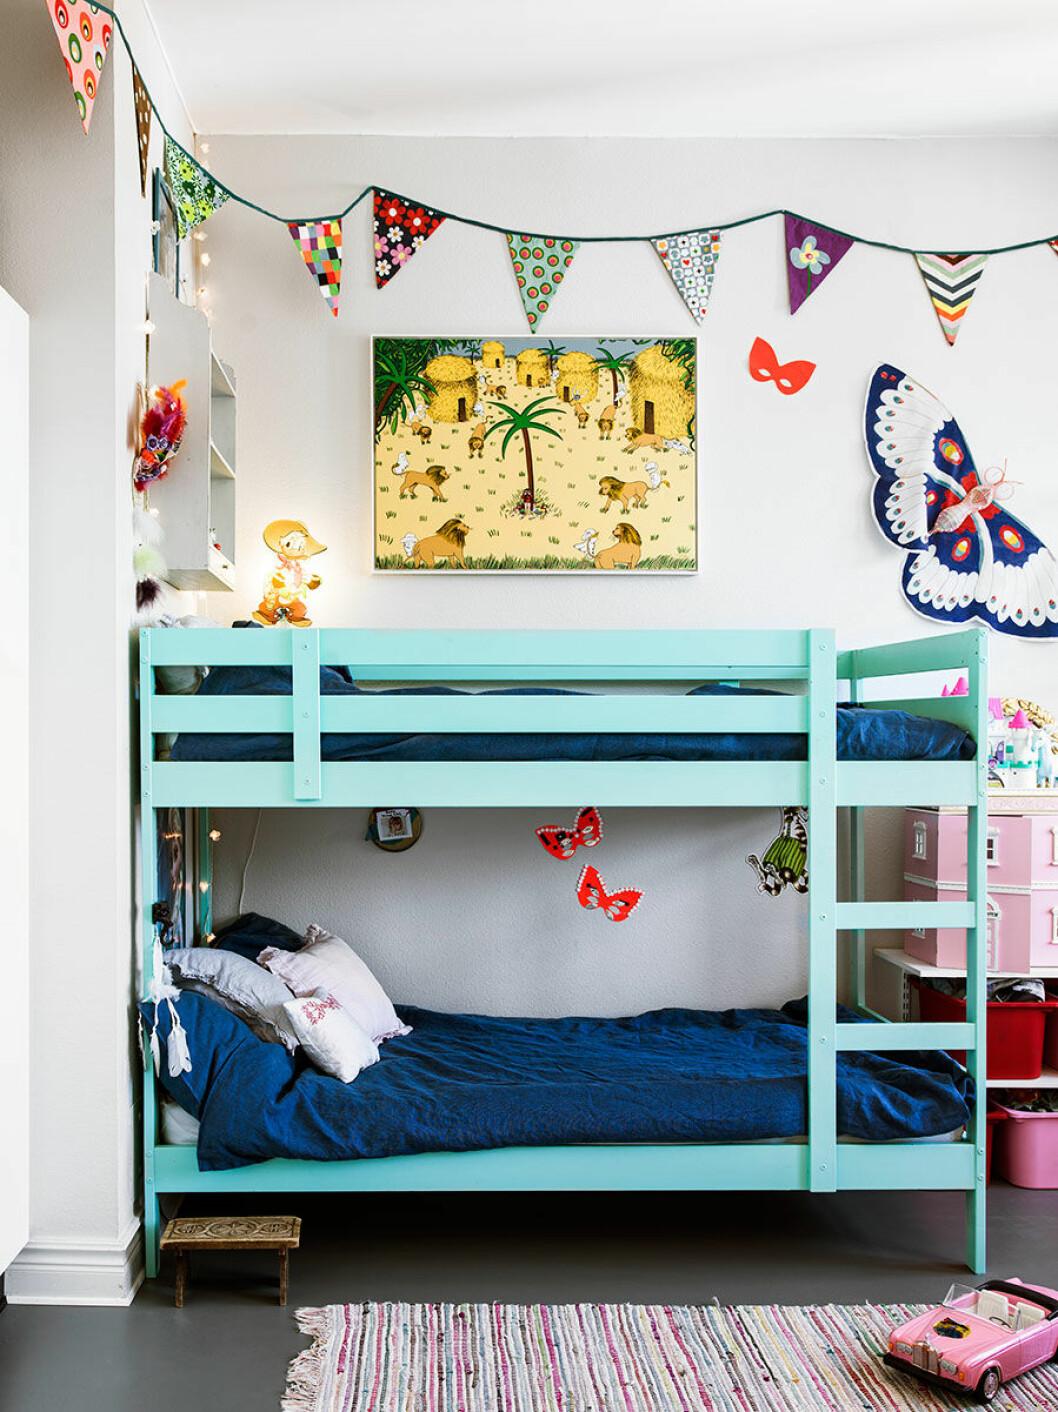 barnrum_childrens_room_Foto_Andrea_Papini